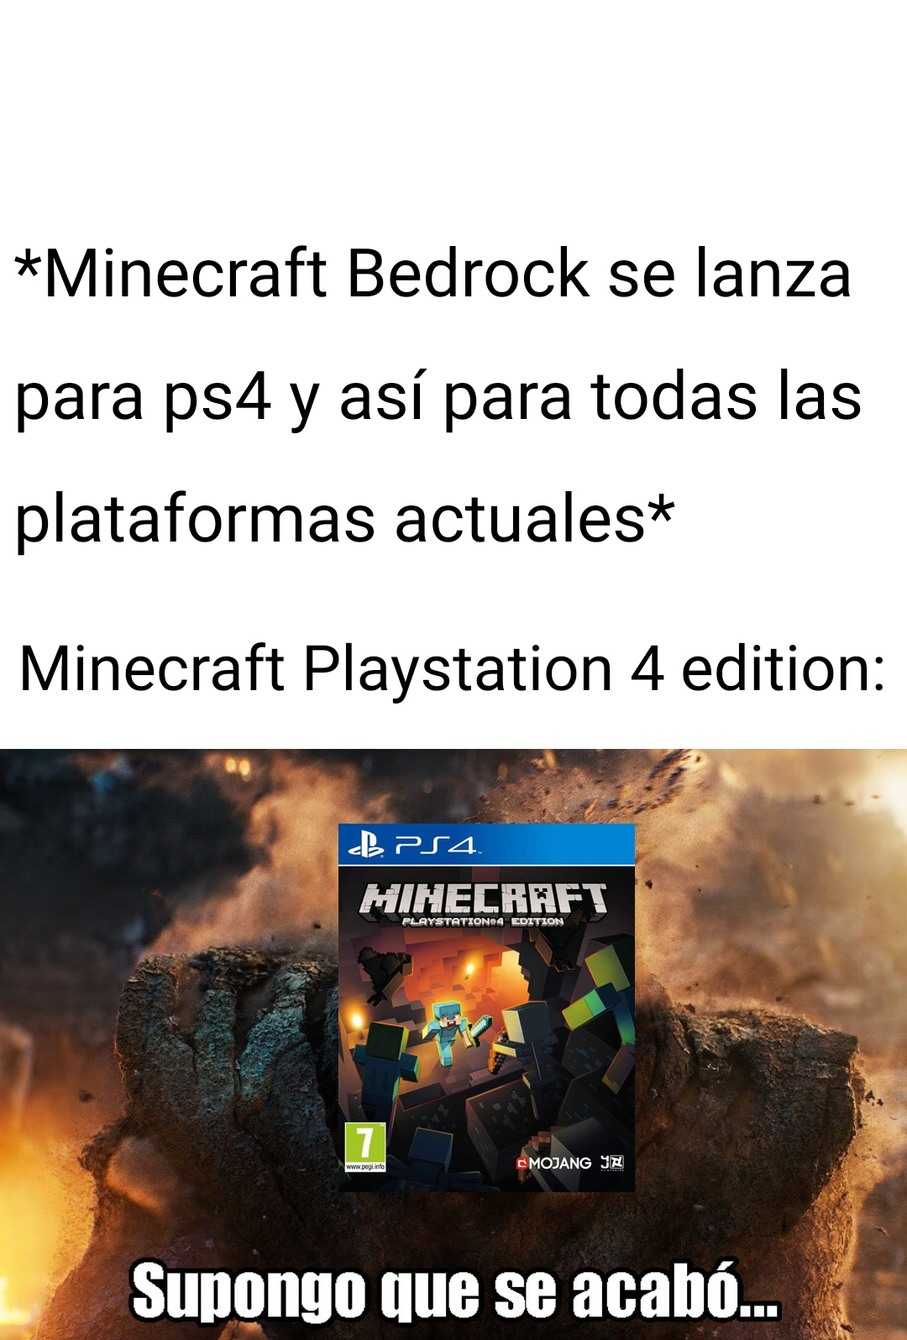 Adiós a un grande (contando también a PS3 edition) :'( - meme